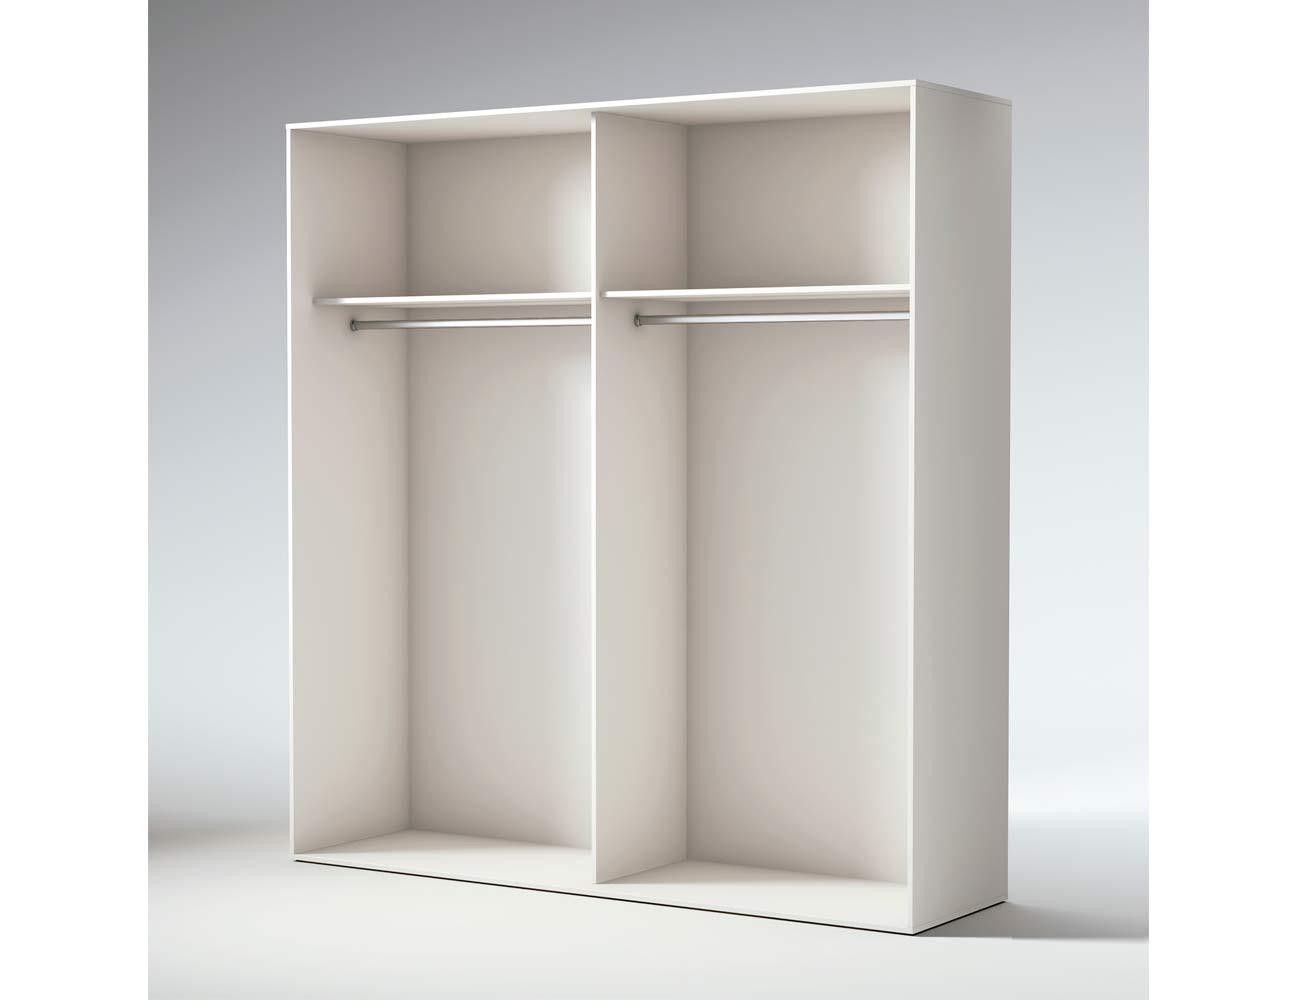 Interior armario puertas corredera blanco1